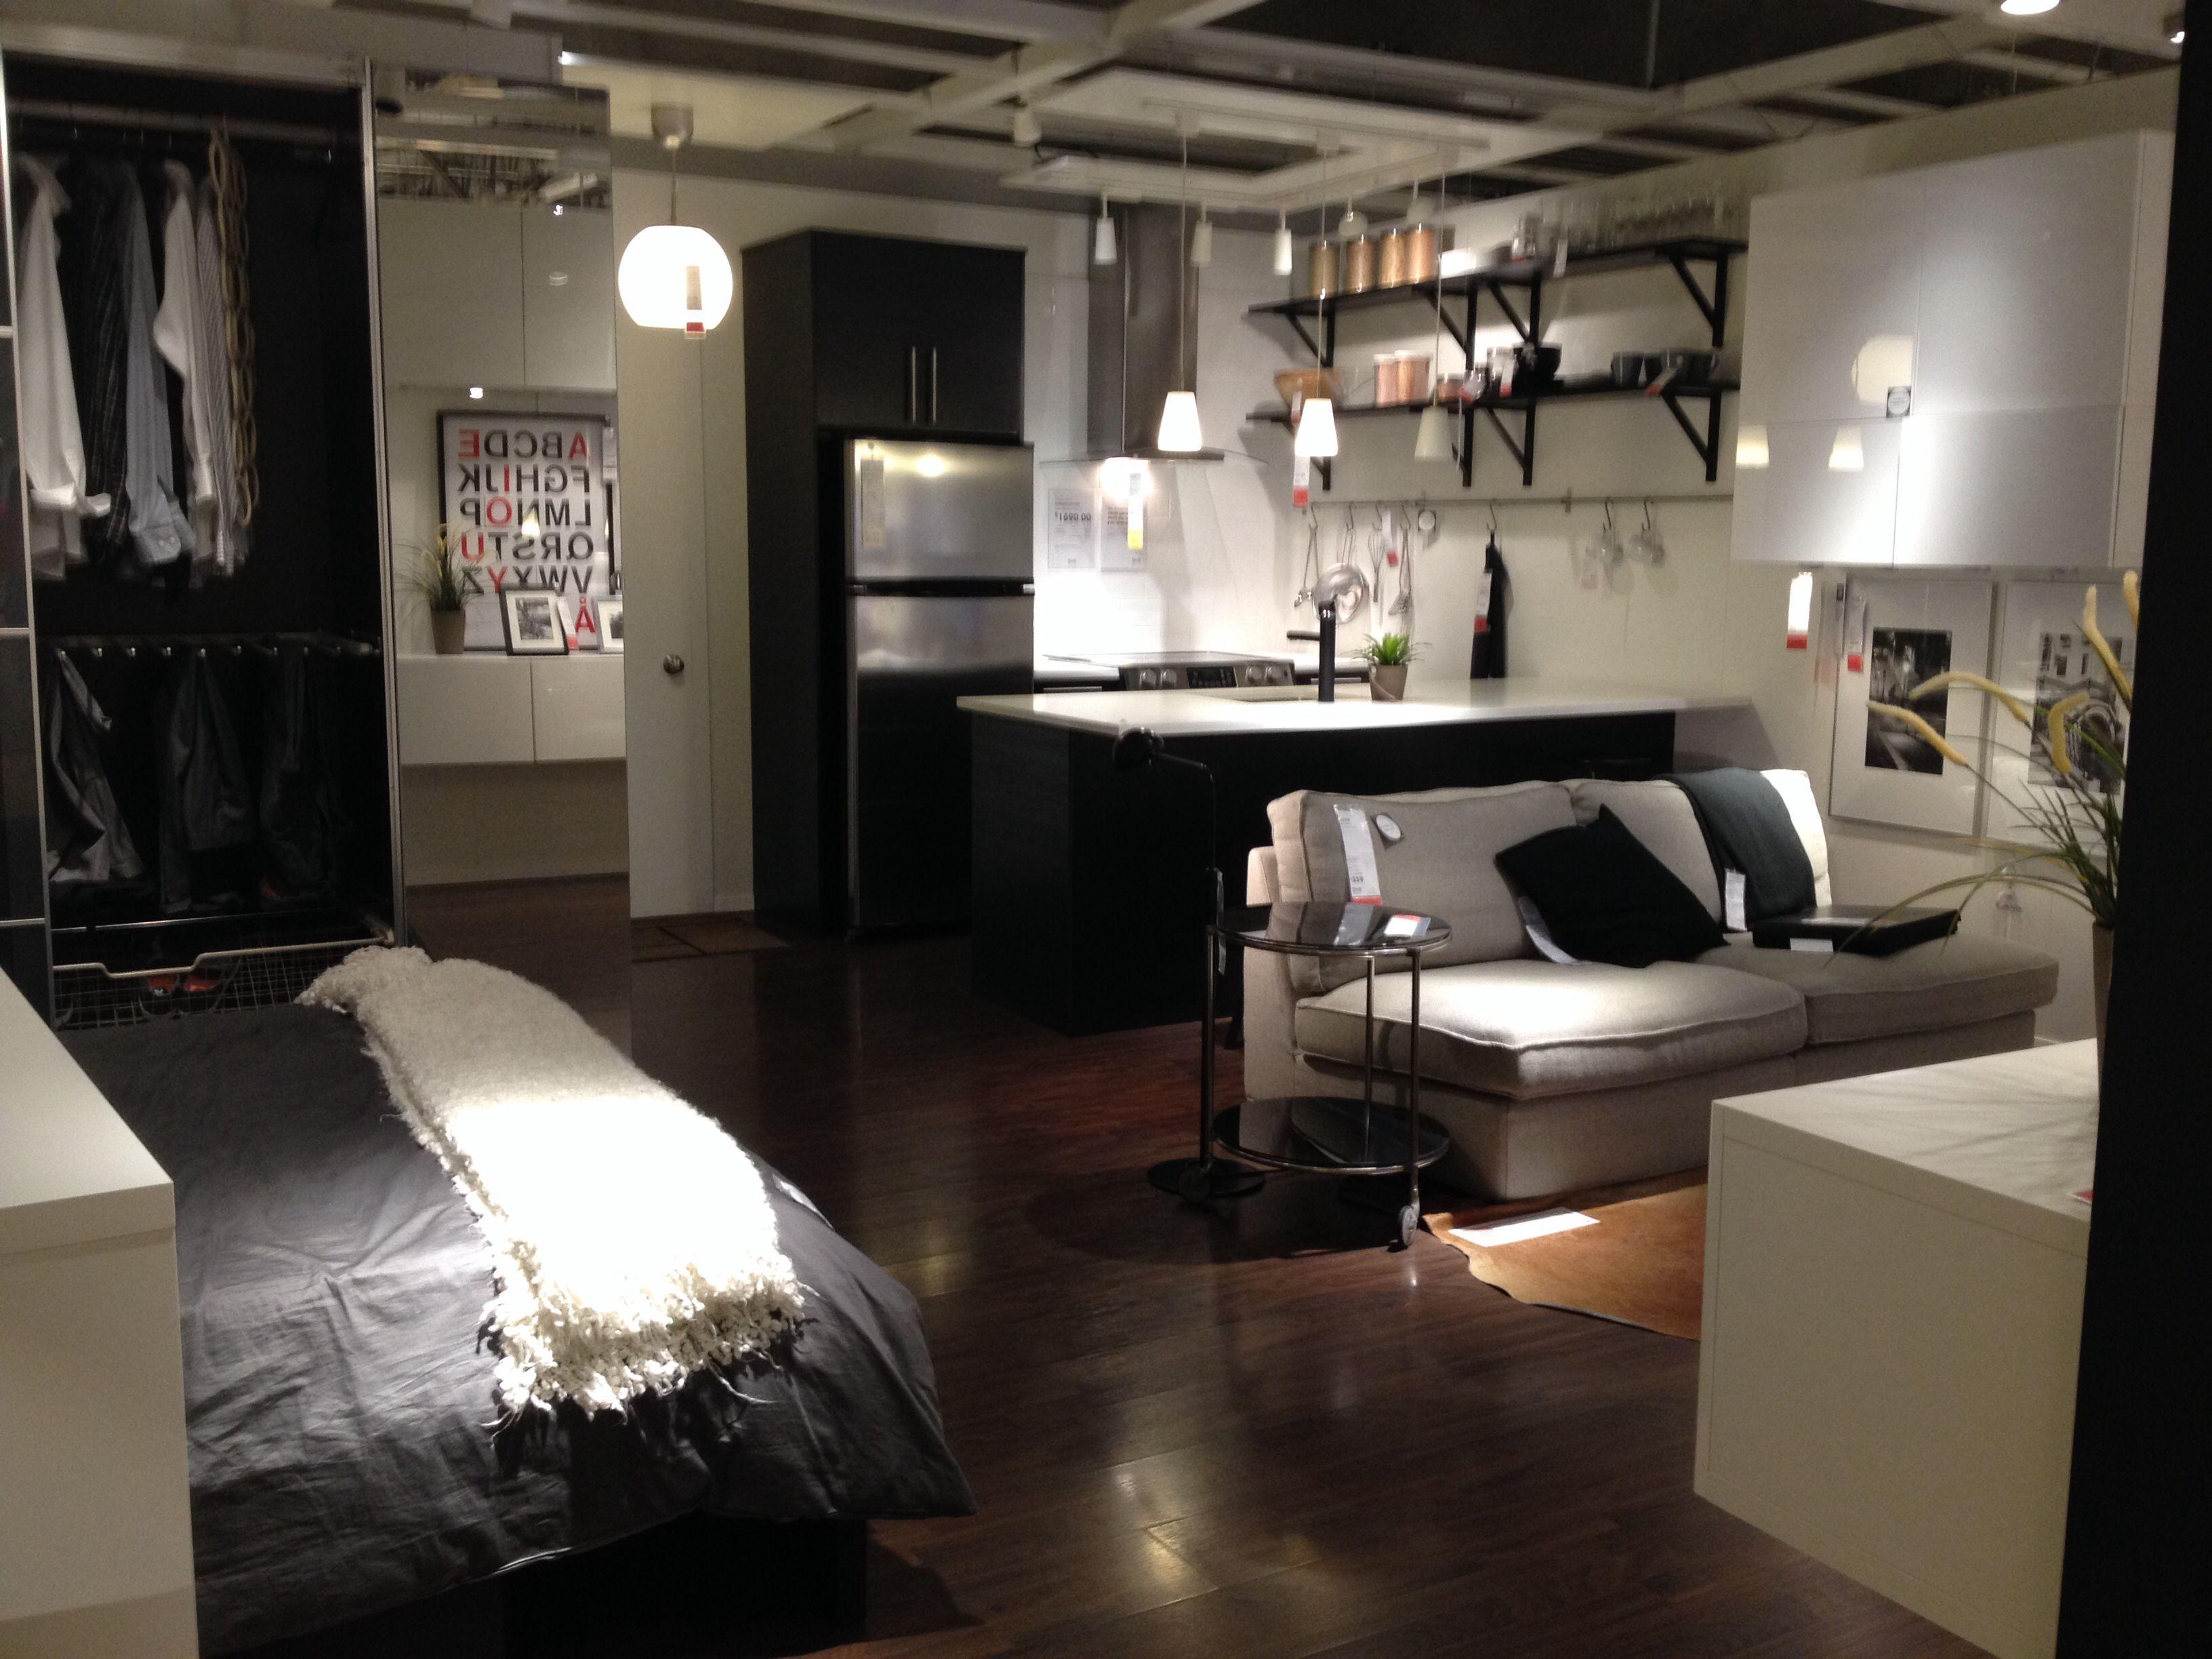 400 Sq Ft Studio 400 Square Foot Apartment Joy Studio Design Gallery